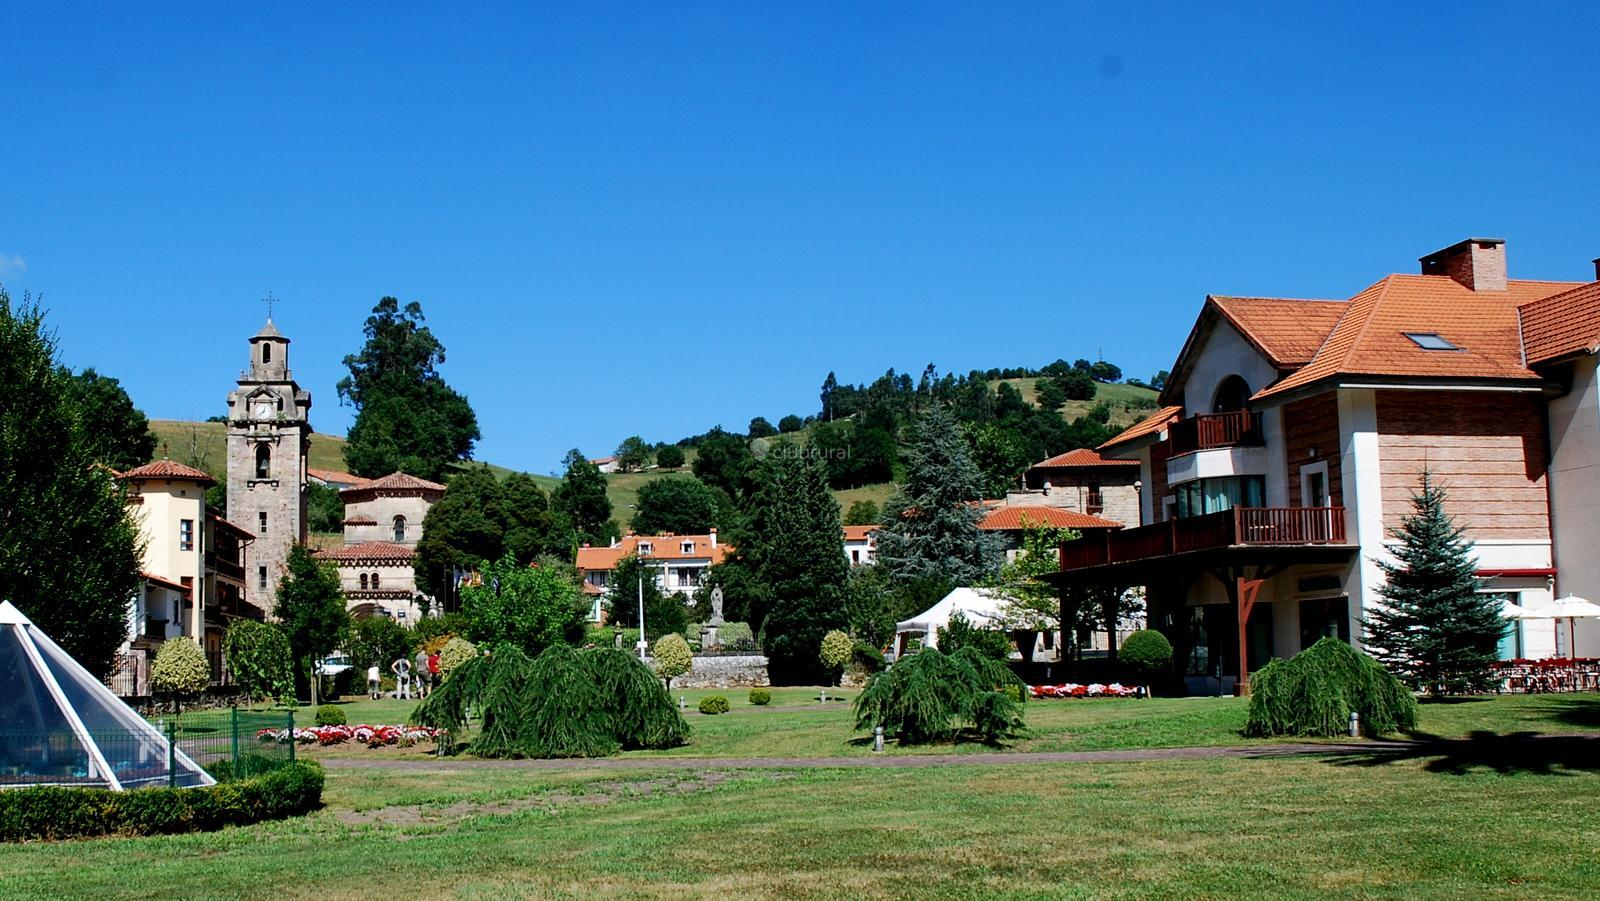 Fotos de gran hotel puente viesgo cantabria puente viesgo clubrural - Casa rural puente viesgo ...